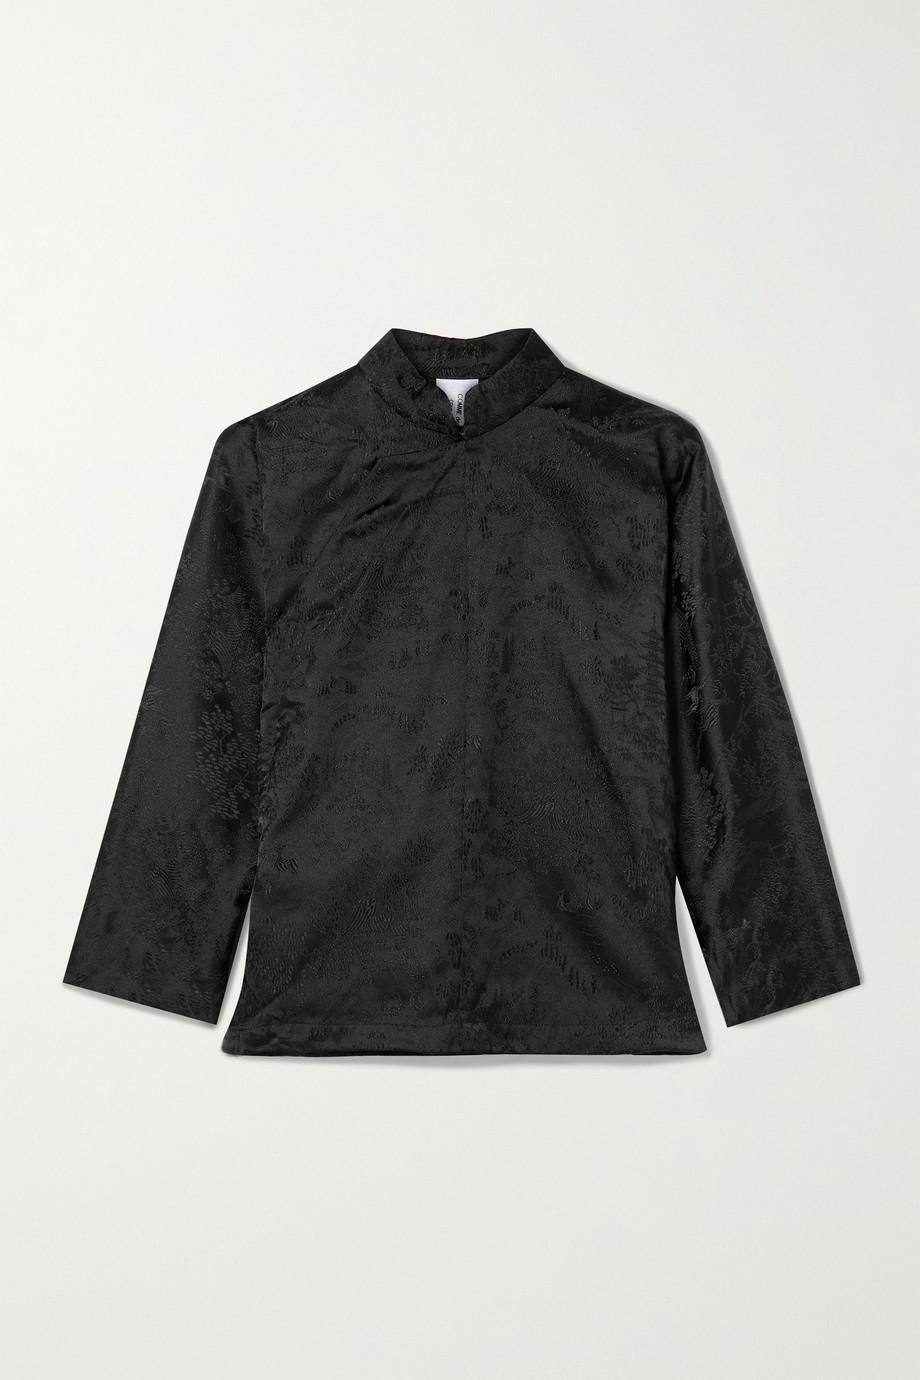 Comme des Garçons Comme des Garçons Bluse aus glänzendem Jacquard